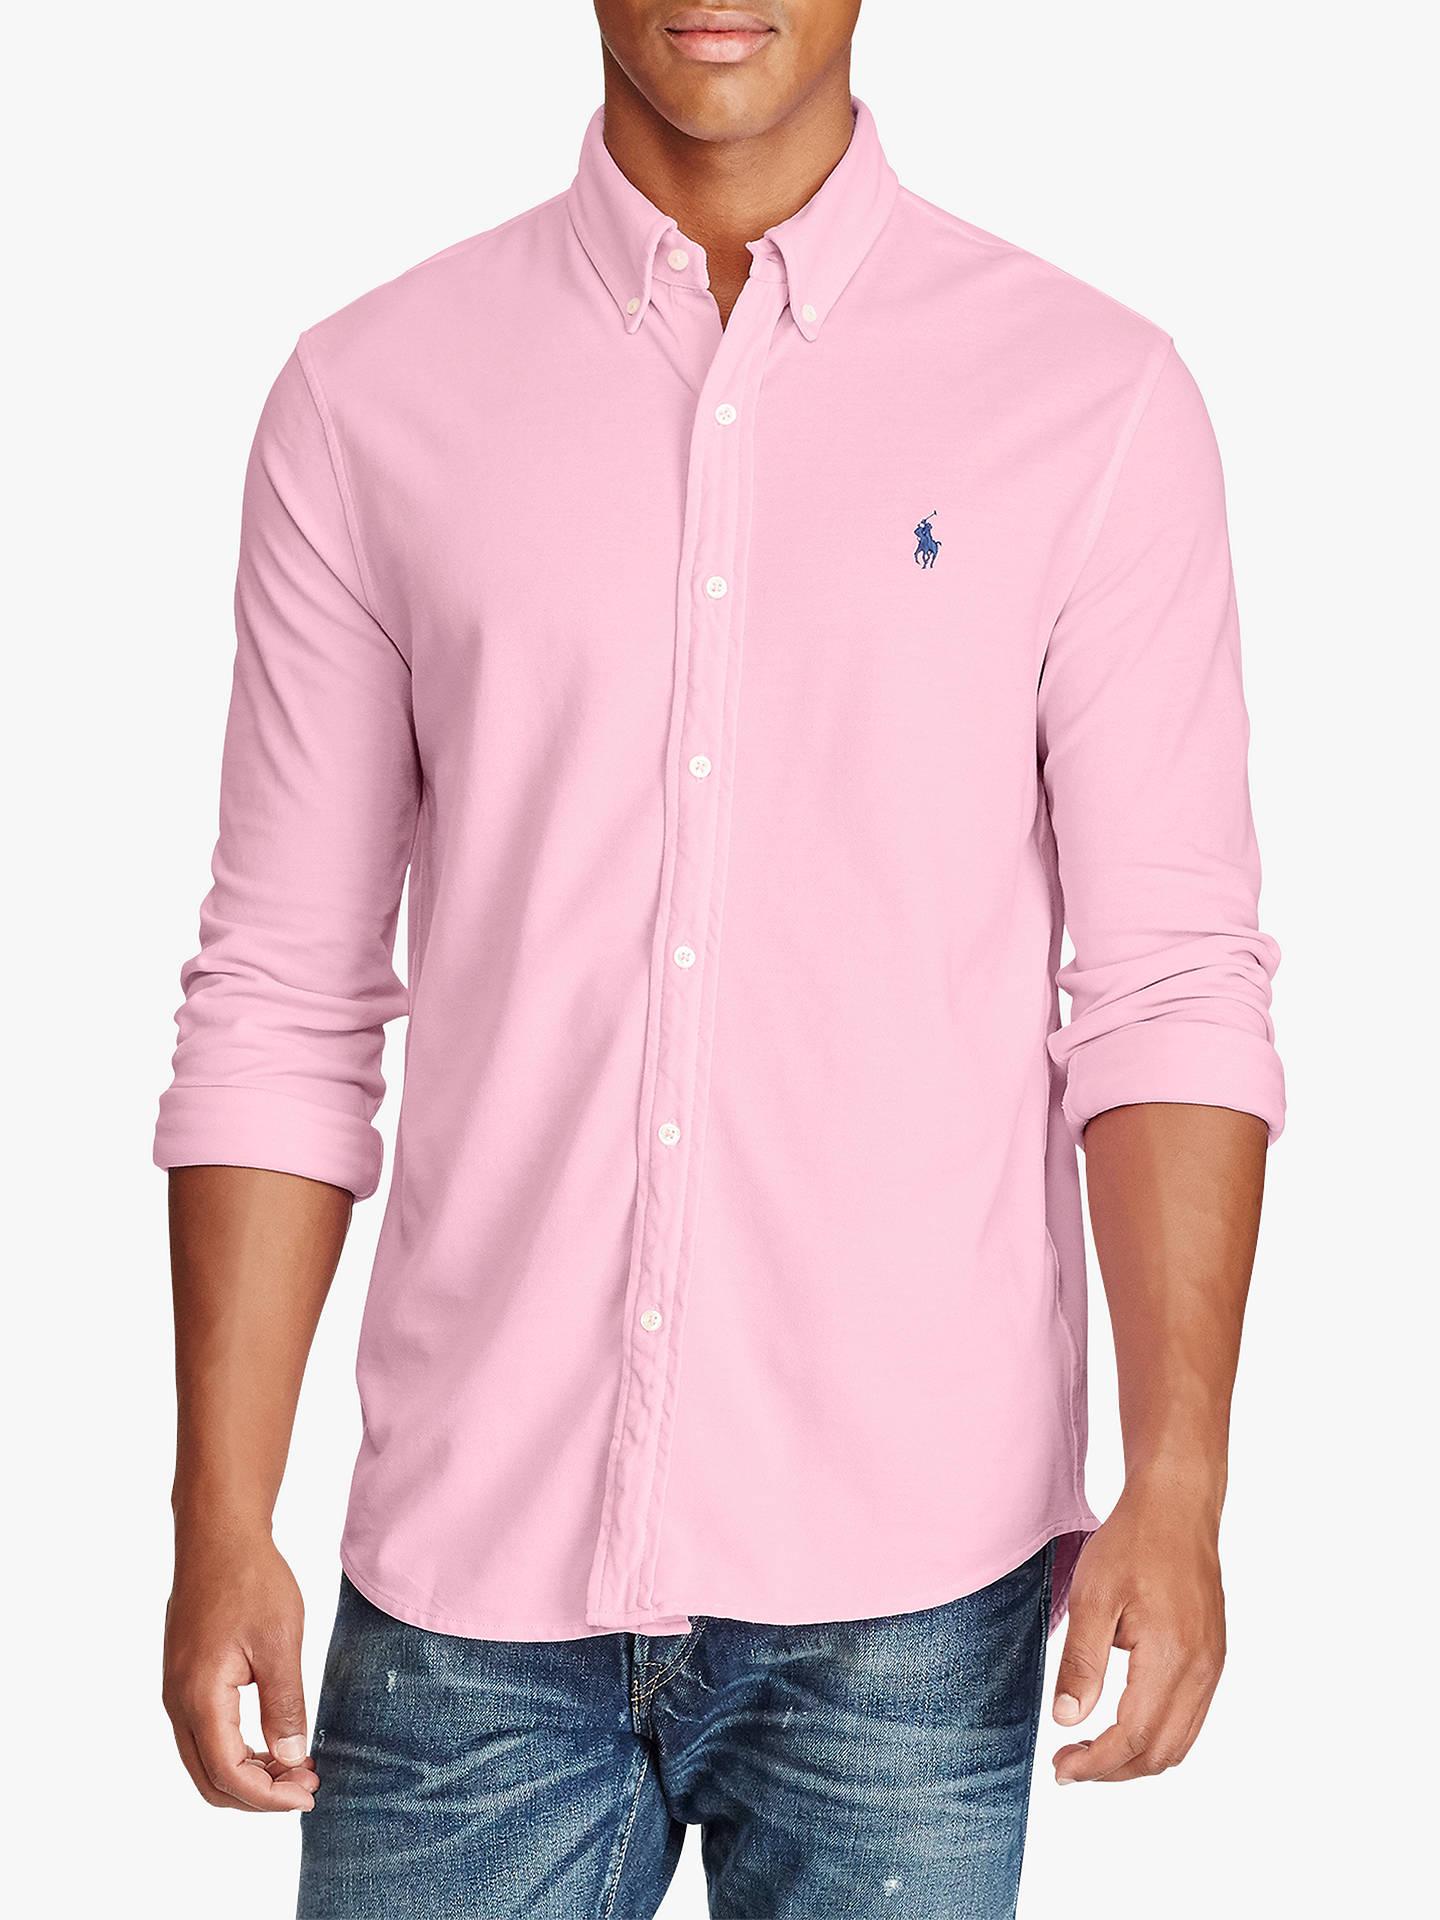 3a1ba7906 Buy Polo Ralph Lauren Featherweight Mesh Shirt